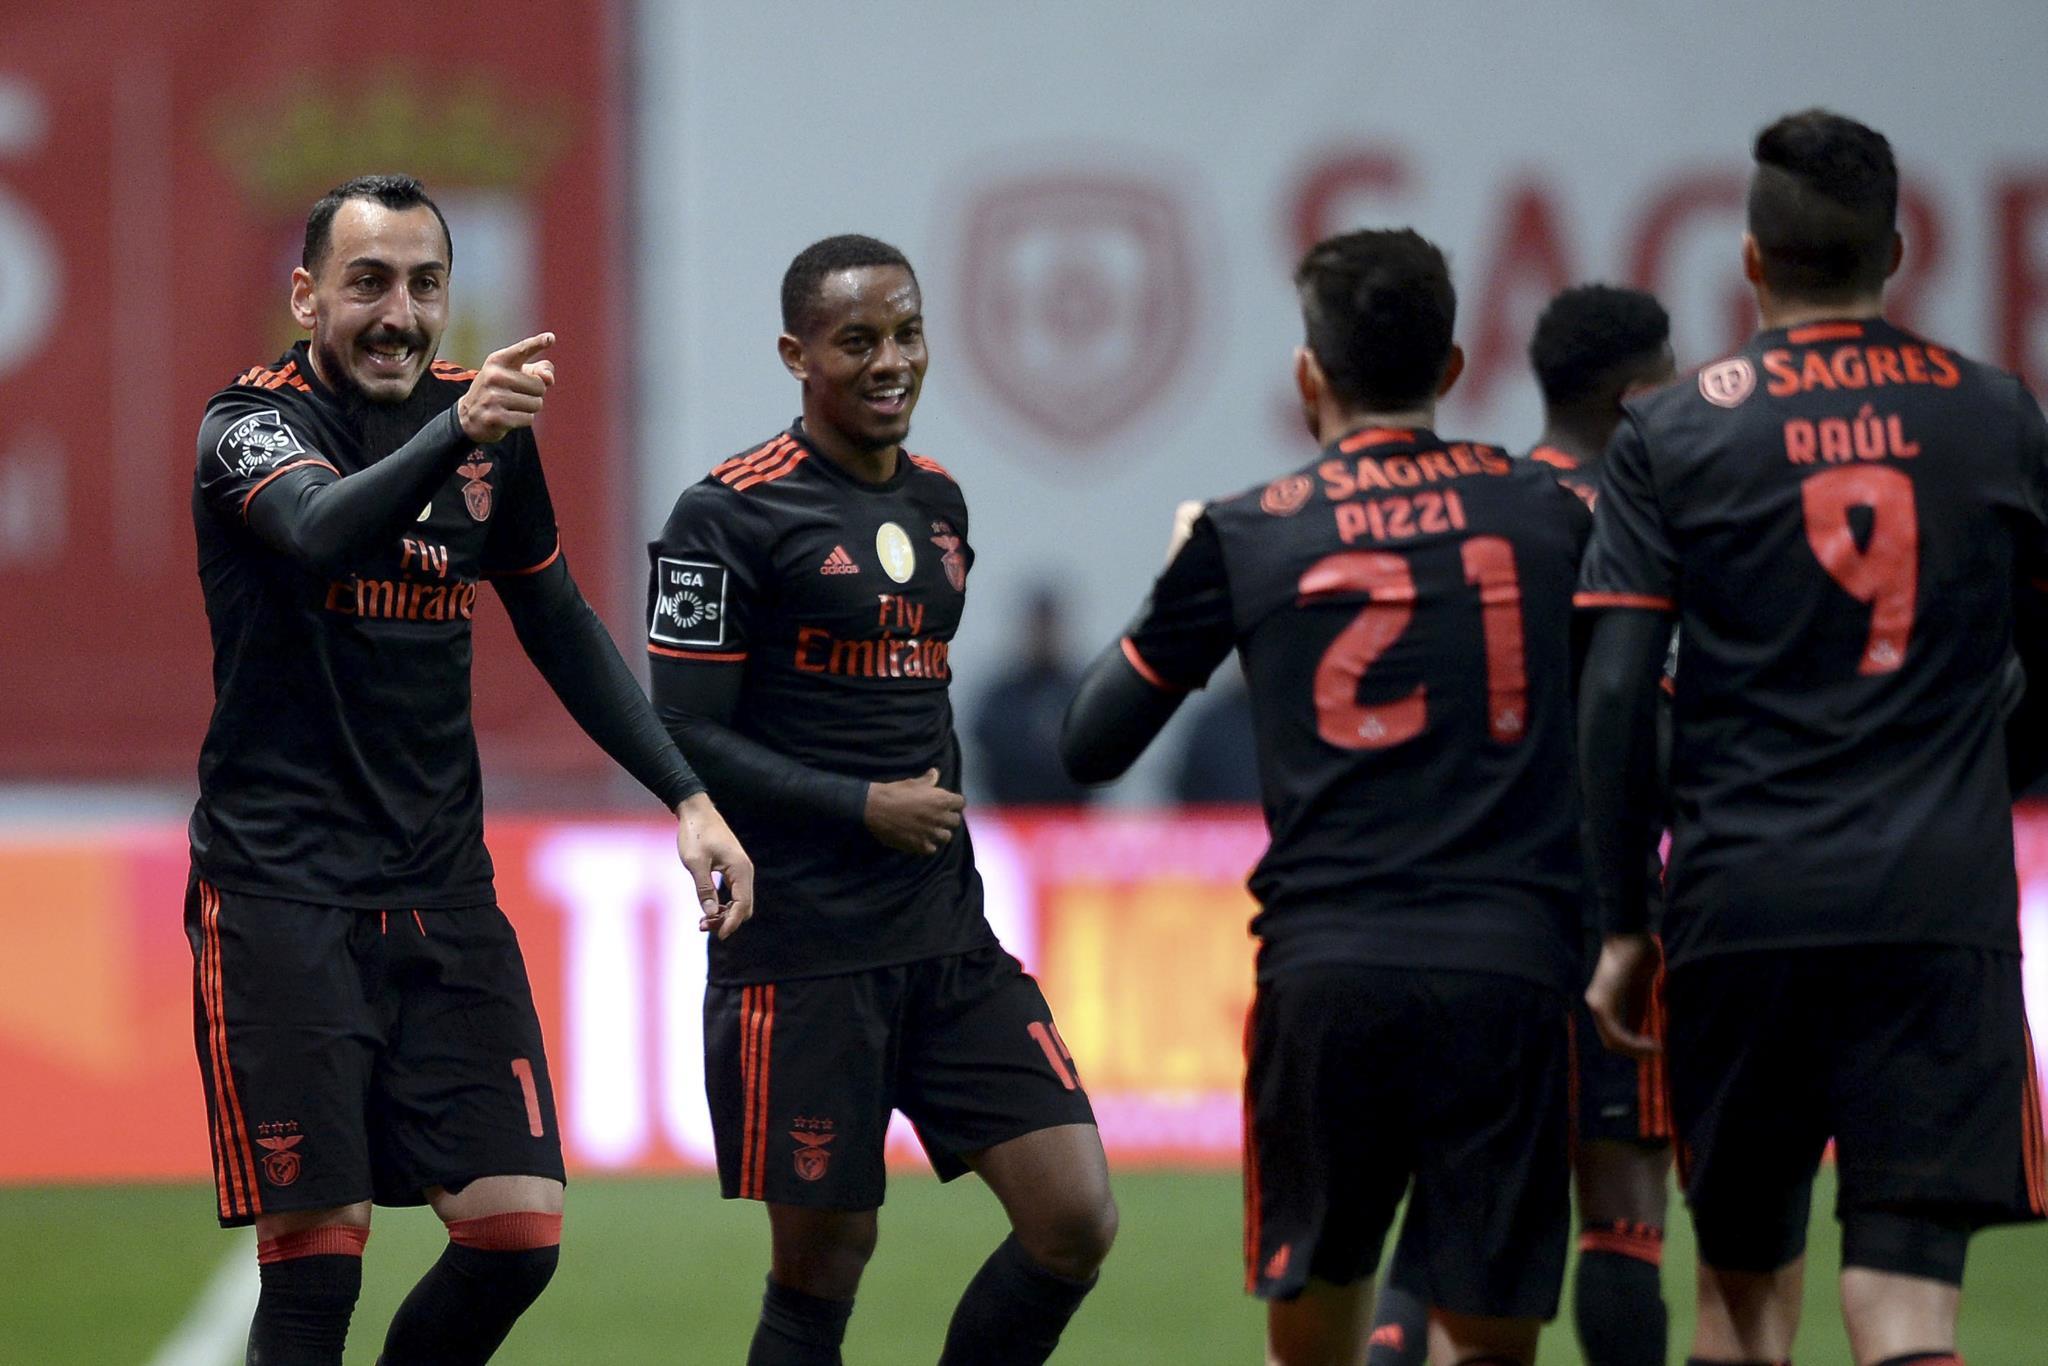 PÚBLICO - Mitroglou desencantou três pontos para o Benfica em Braga